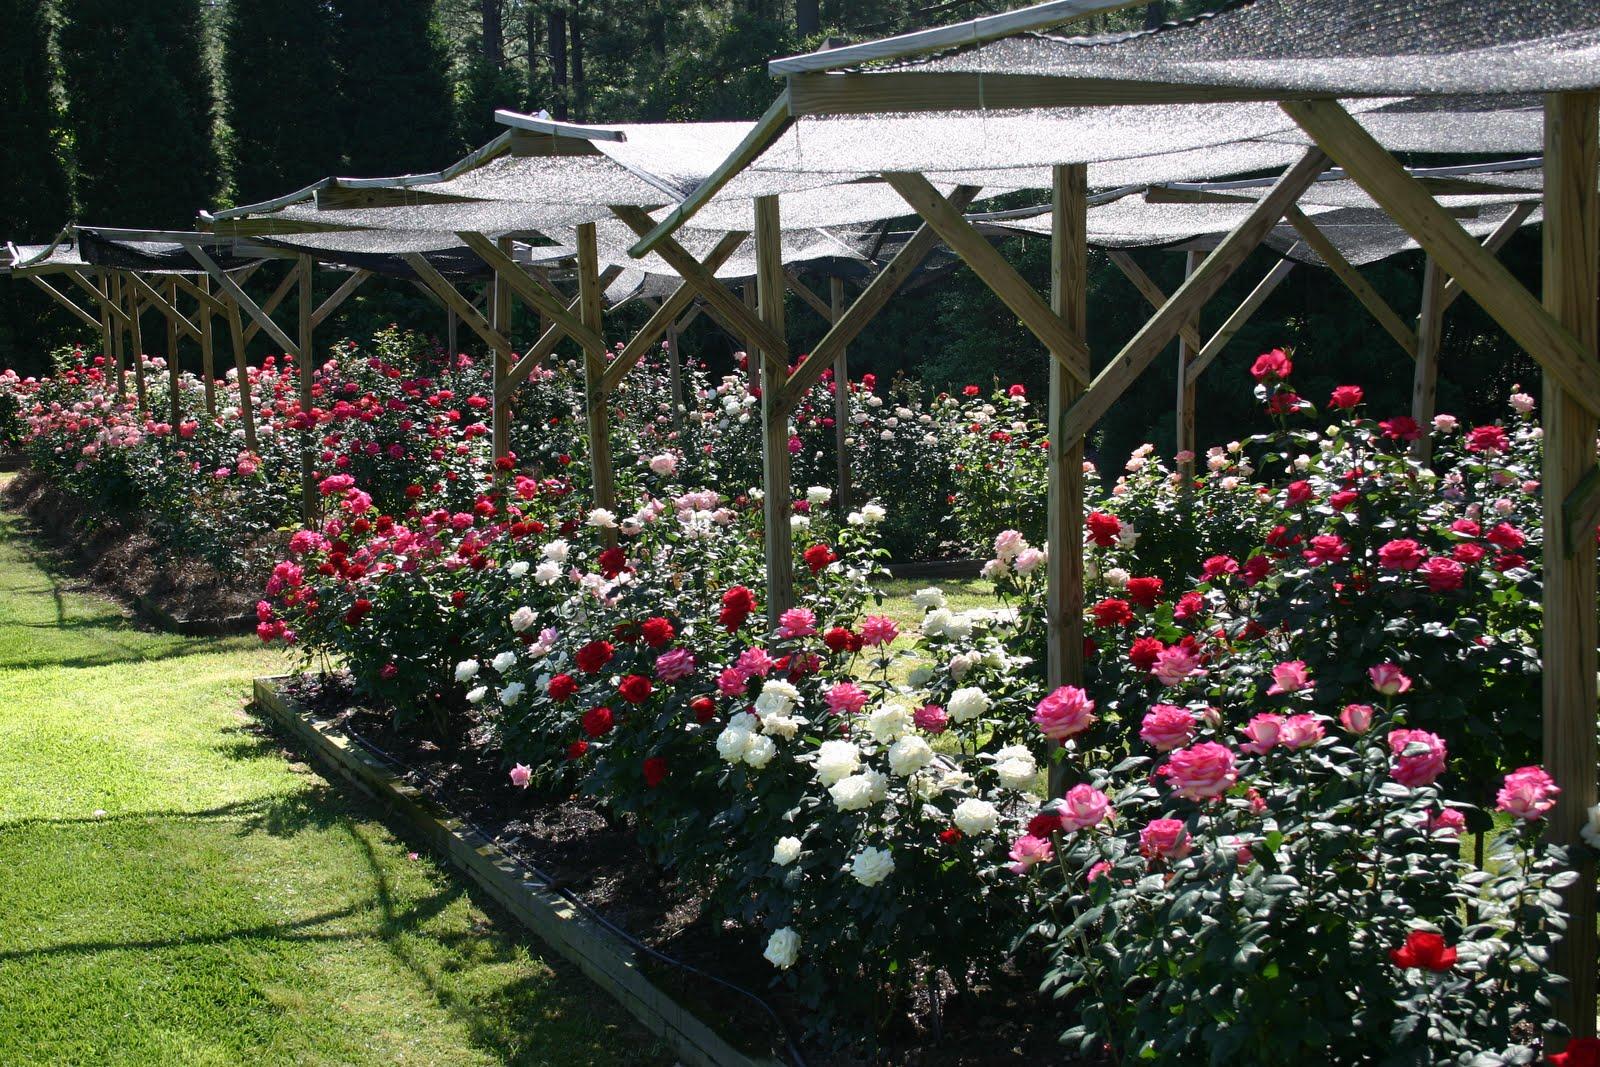 Grow Roses With Satish Prabhu